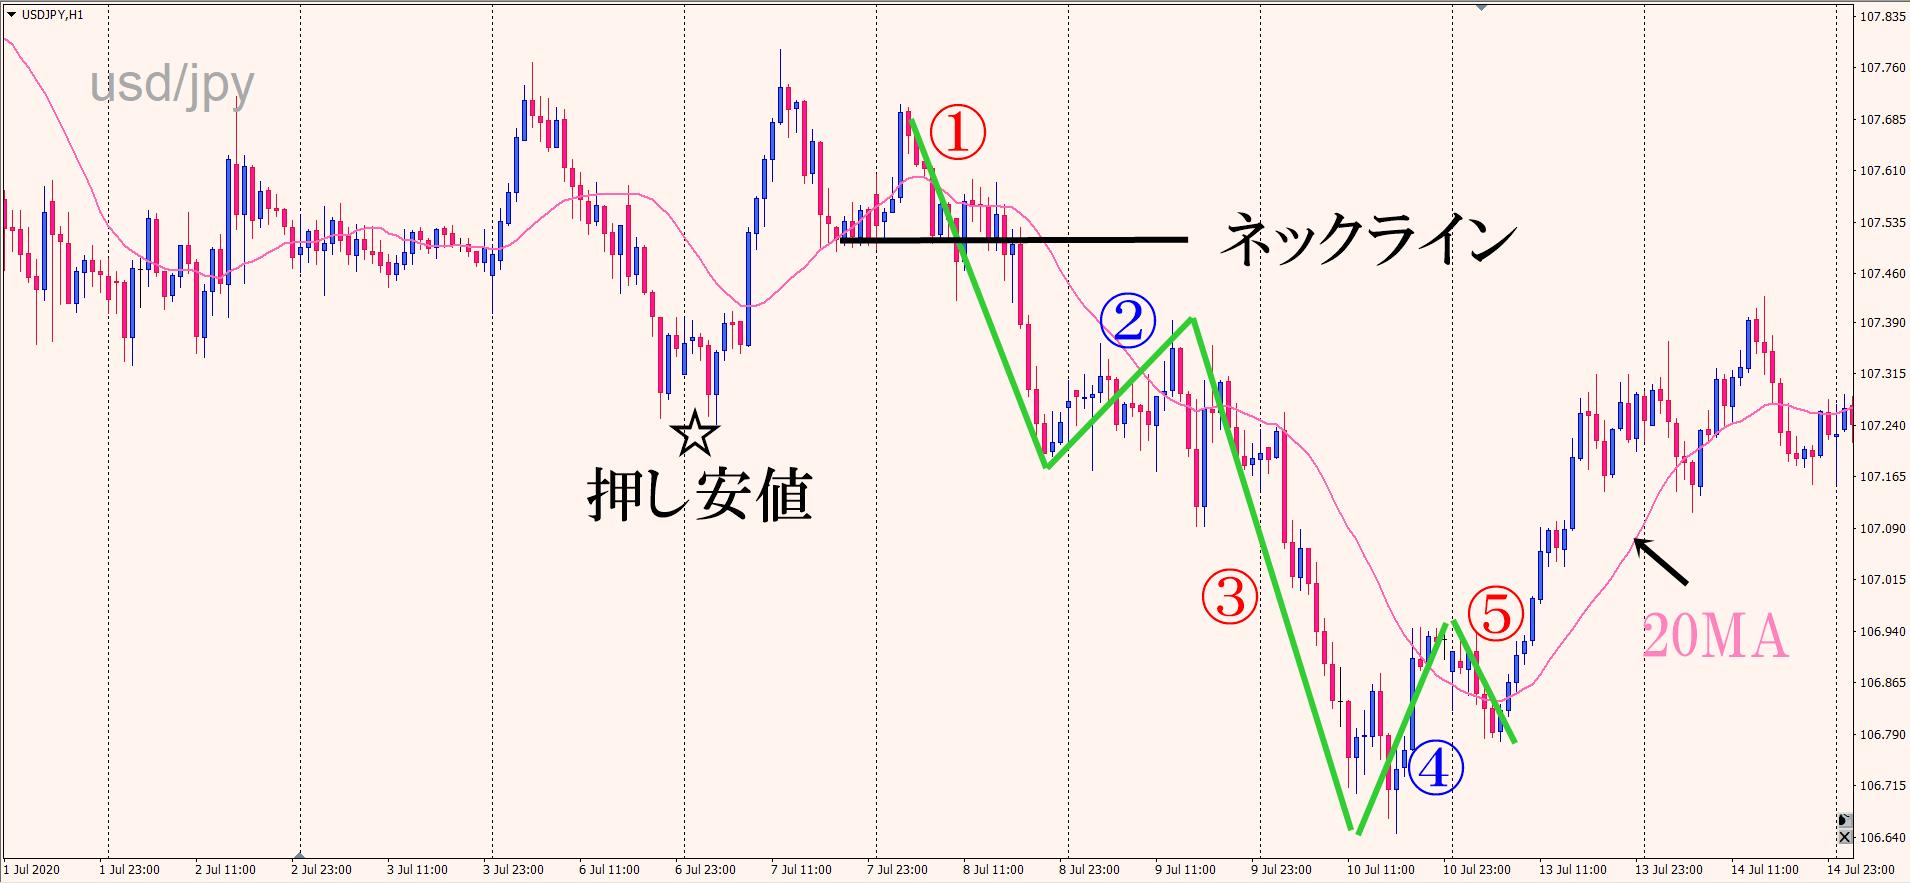 ドル円 ダウントレンド 1波